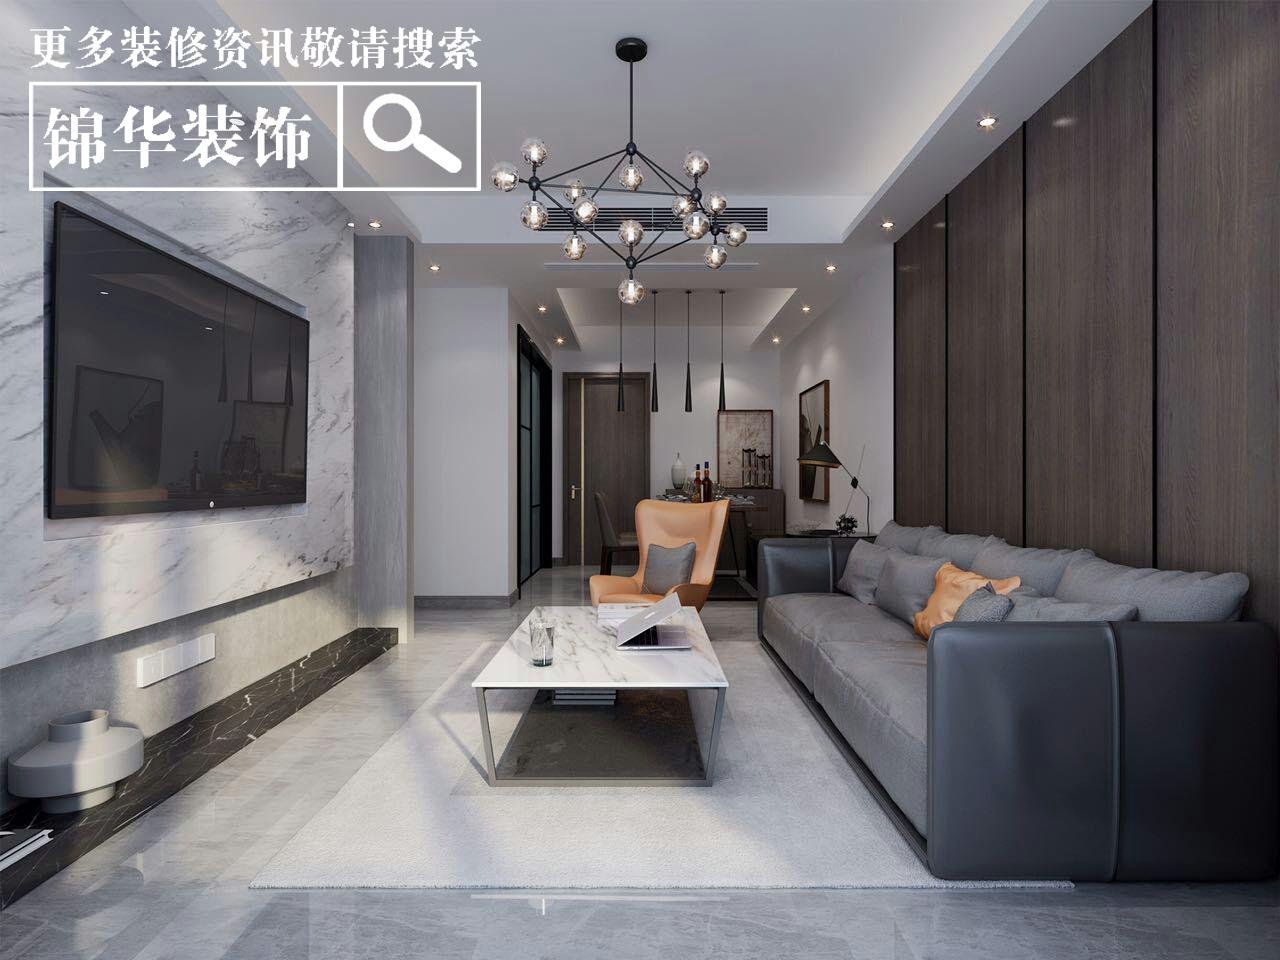 华润国际-现代风格